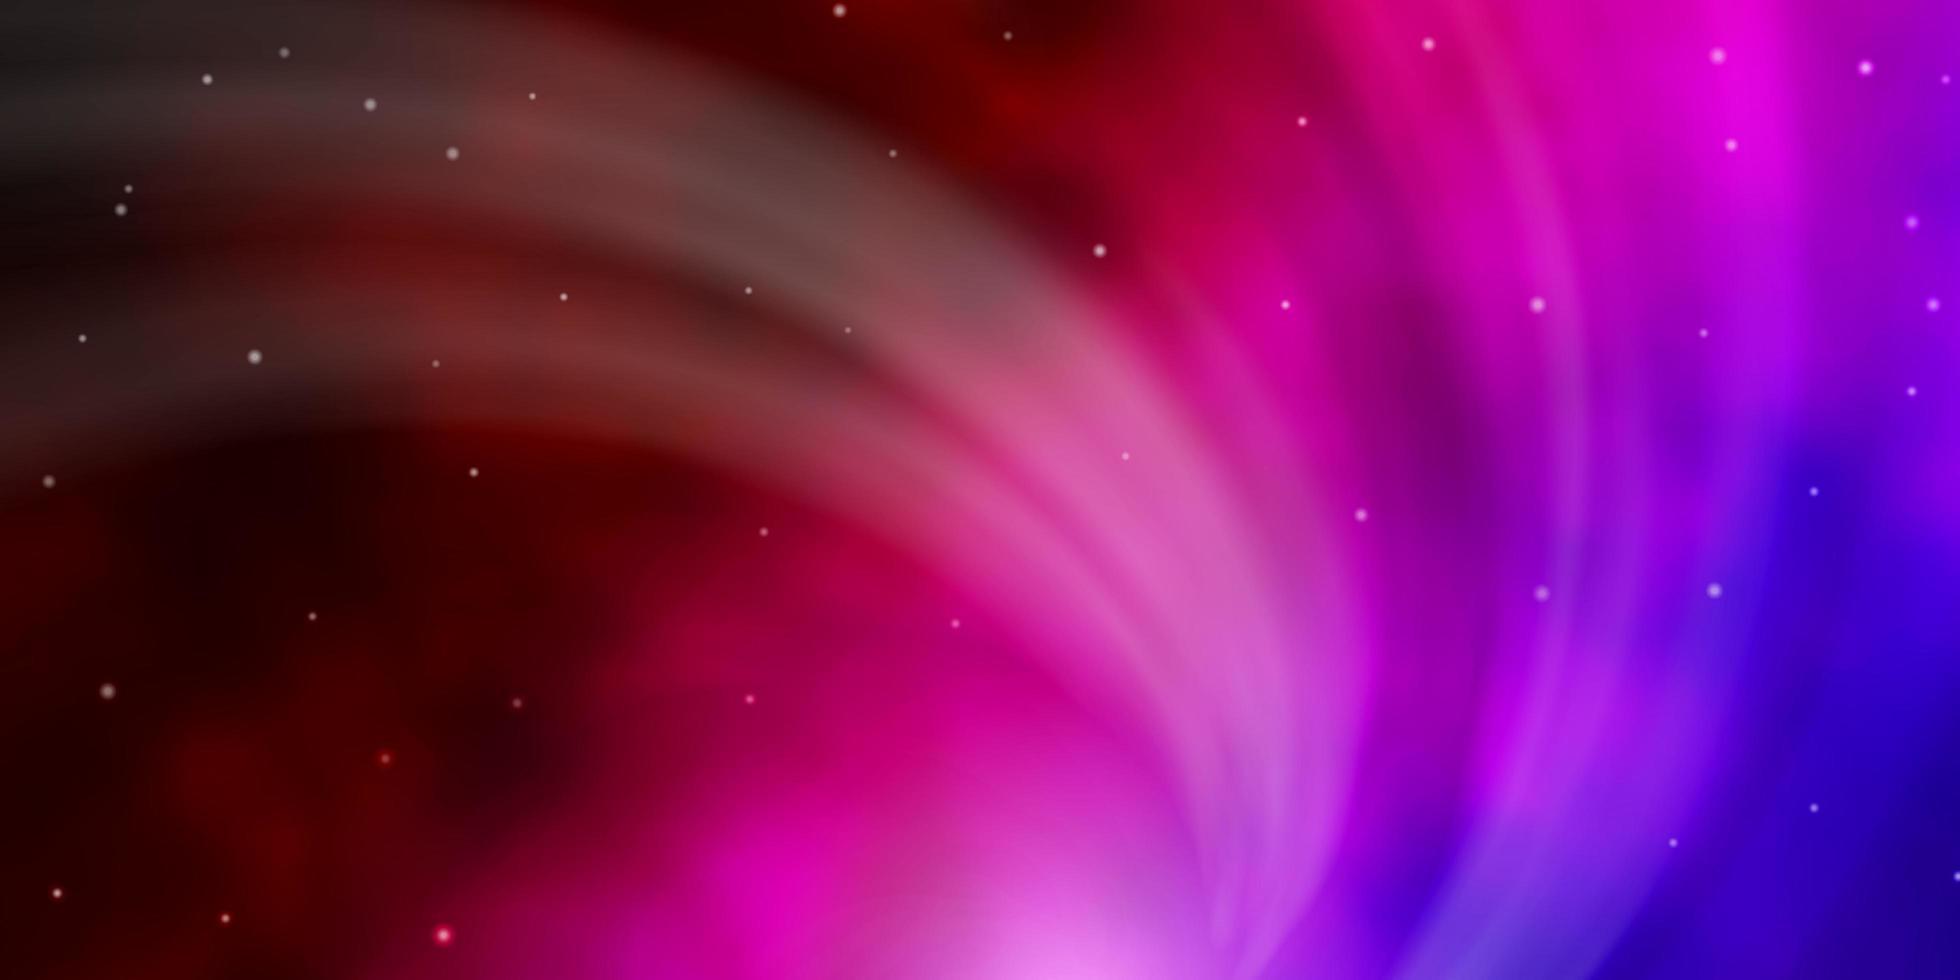 dunkelblauer, roter Vektorhintergrund mit kleinen und großen Sternen. vektor